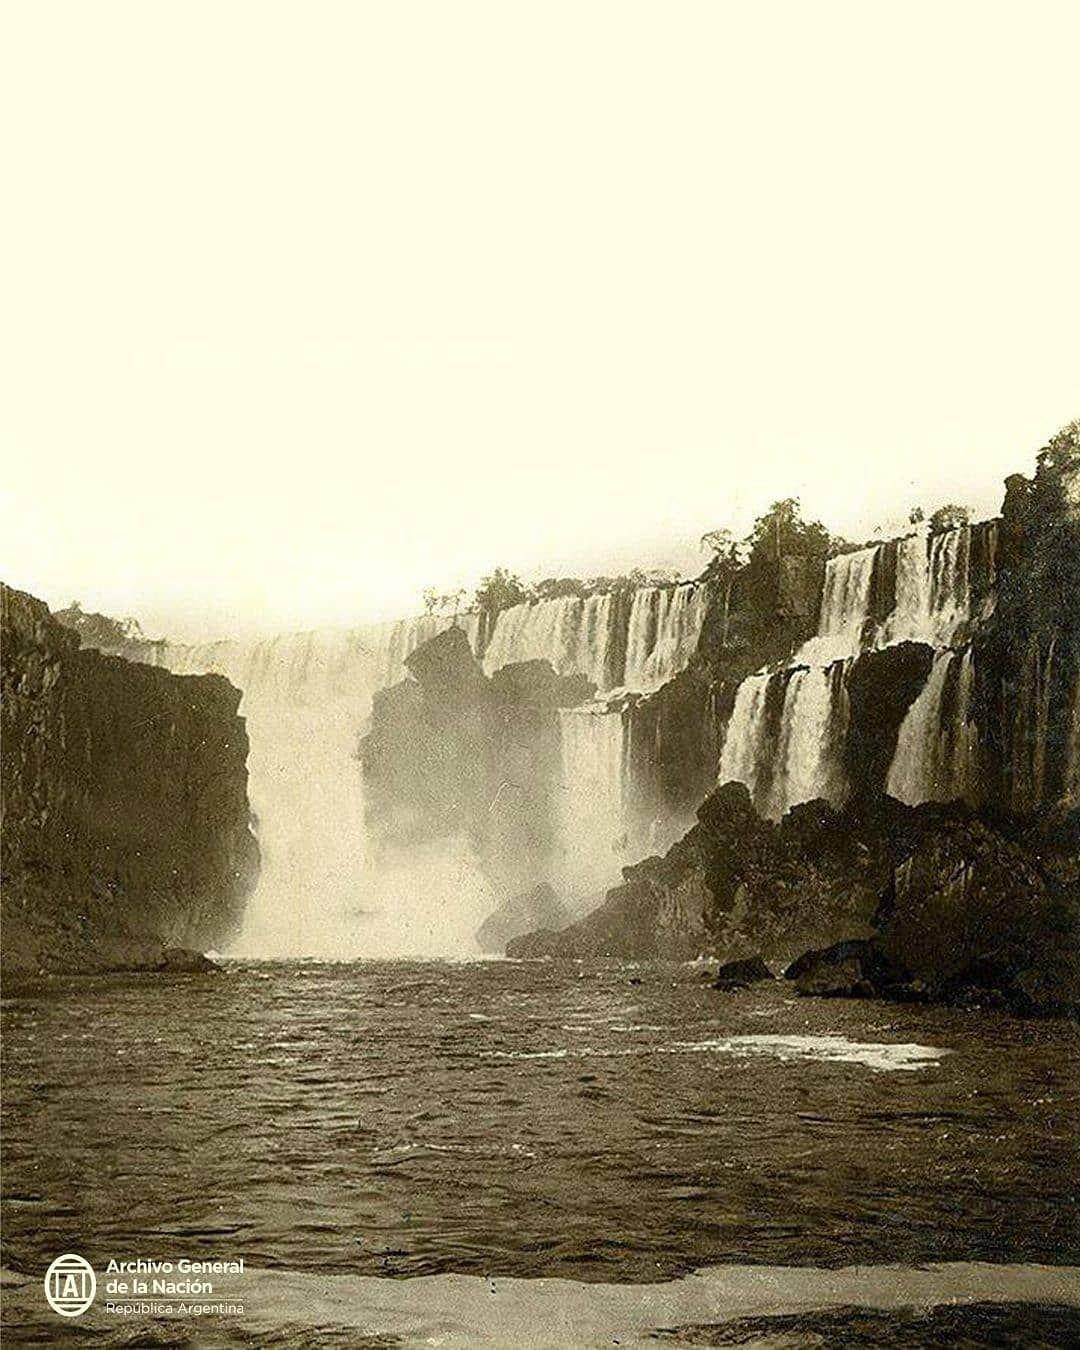 Cataratas Del Iguazú Misiones Argentina Cataratas Del Iguazú C 1910 Ar Agn Wit01 Sfaa Inv 1487 Catarata Cataratas Del Iguazu Argentina Cataratas